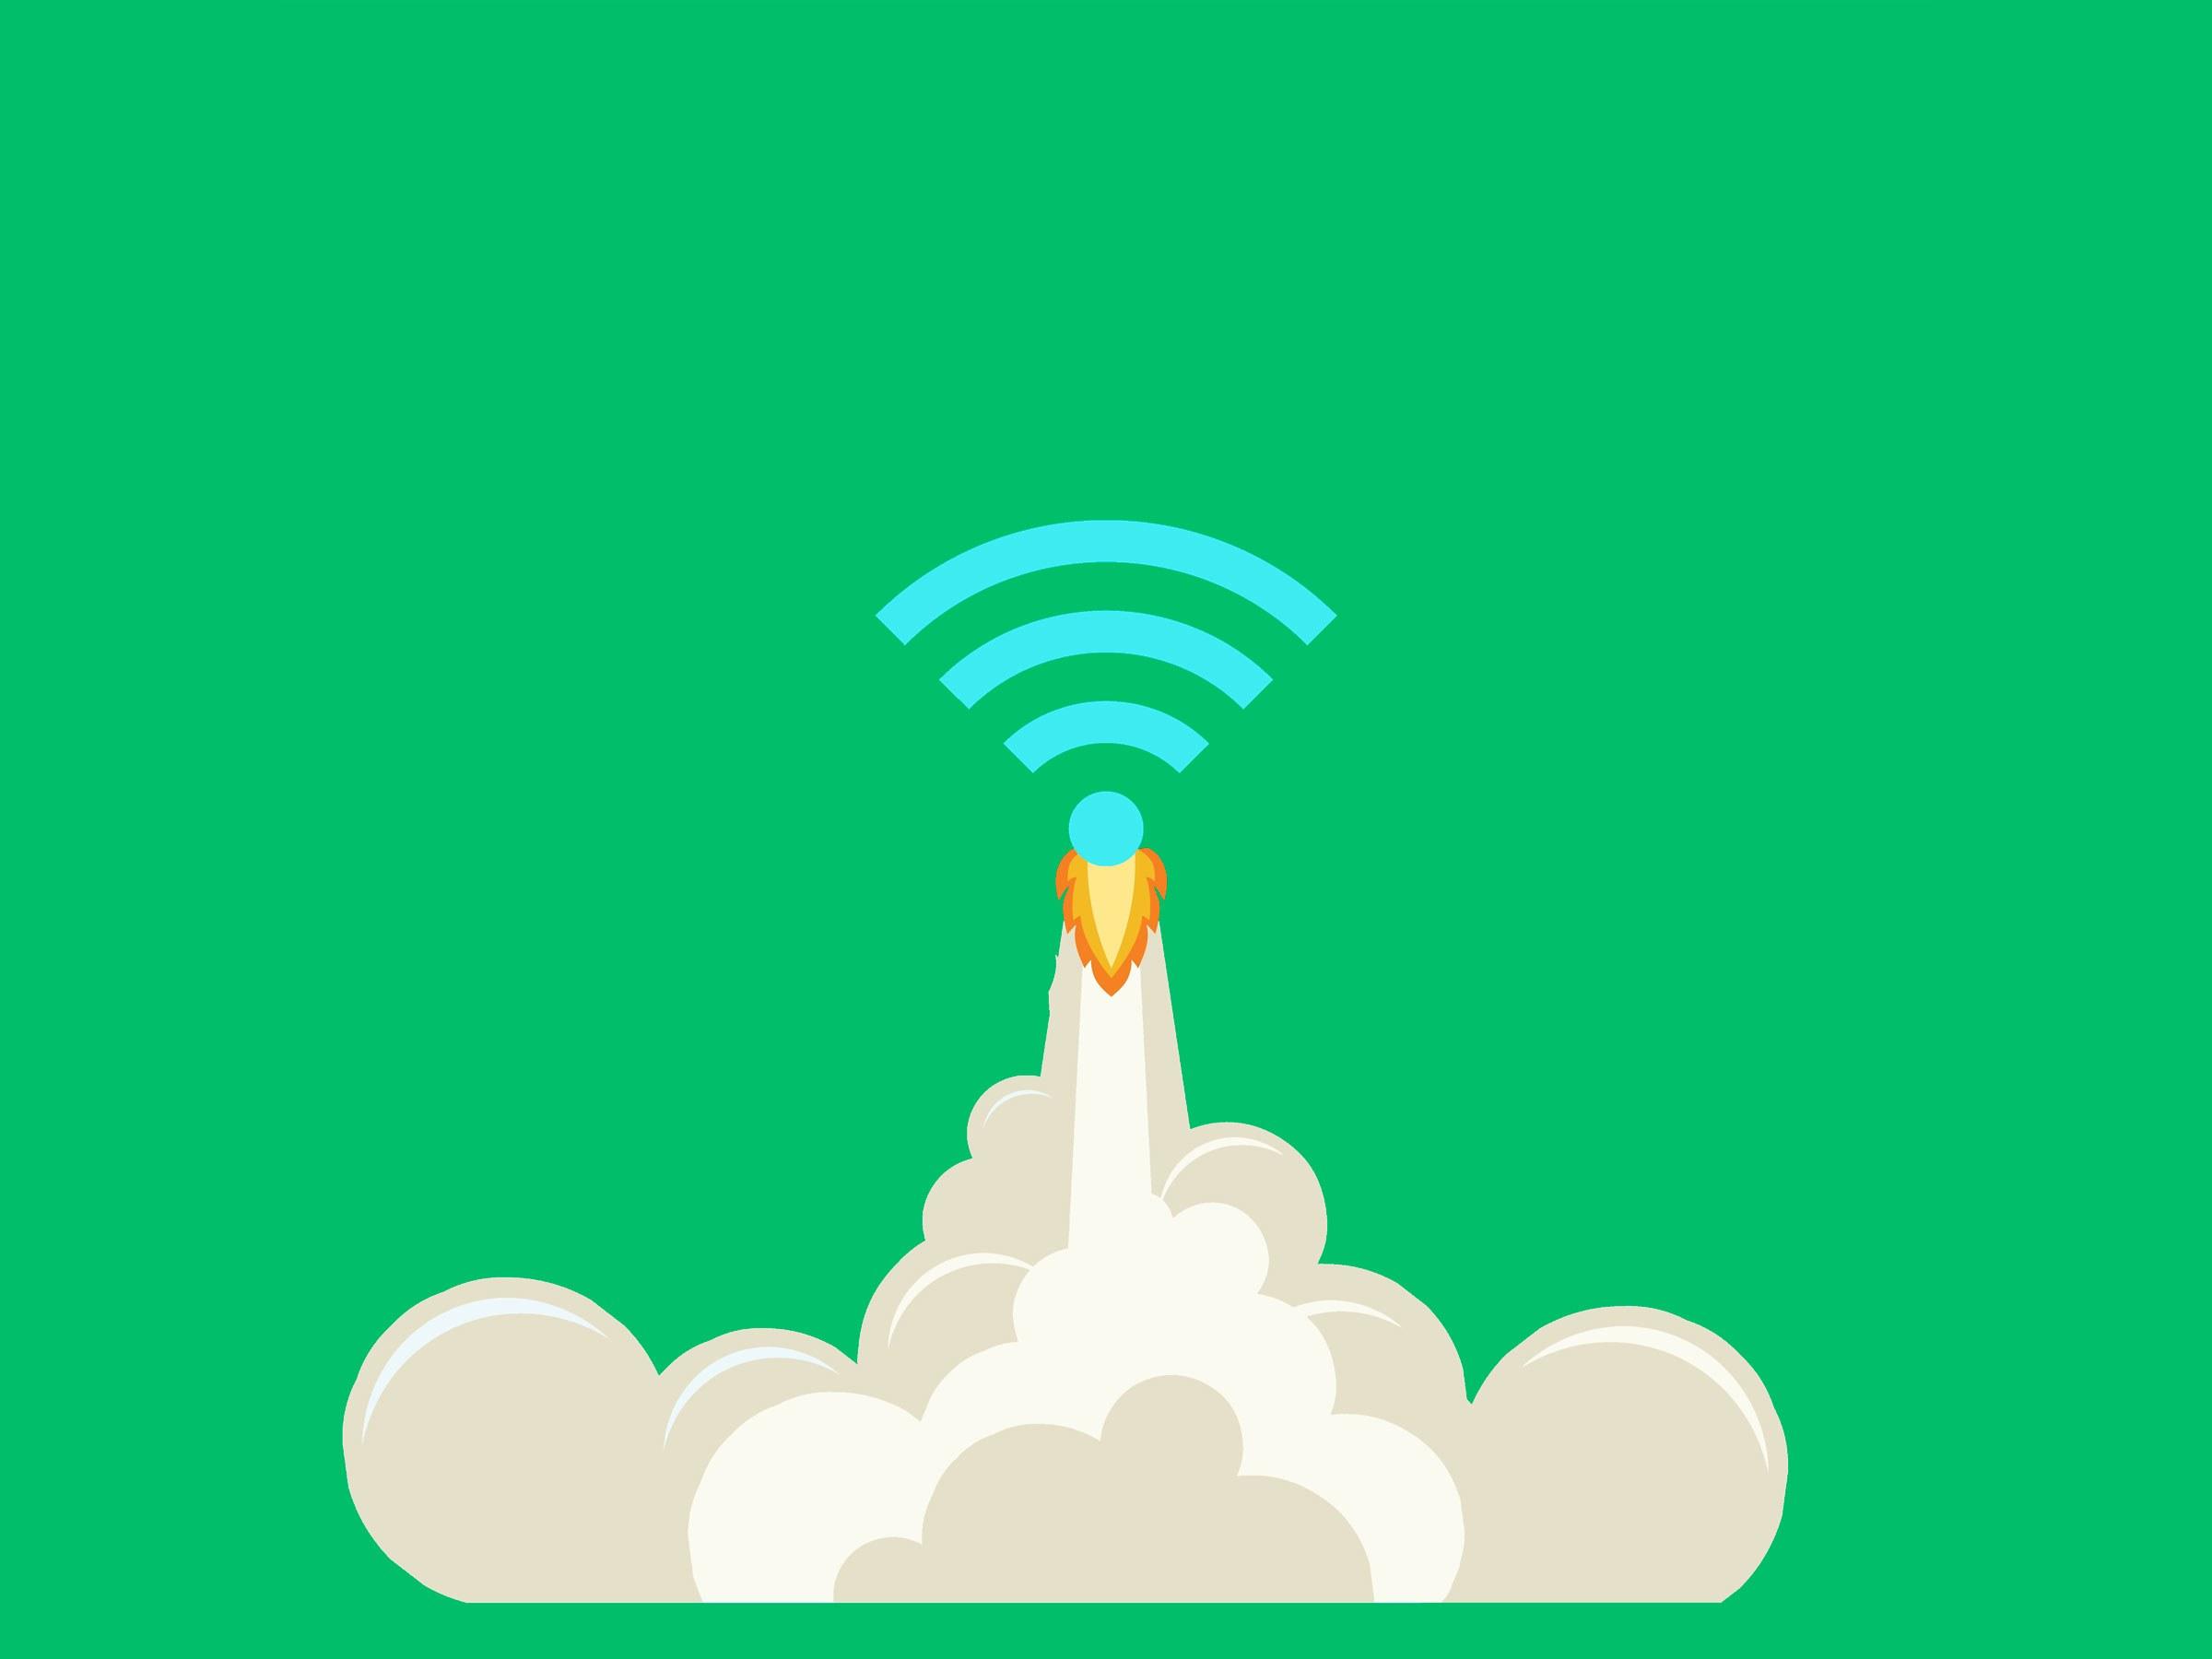 آموزش افزایش سرعت اینترنت در مودم های وای فای